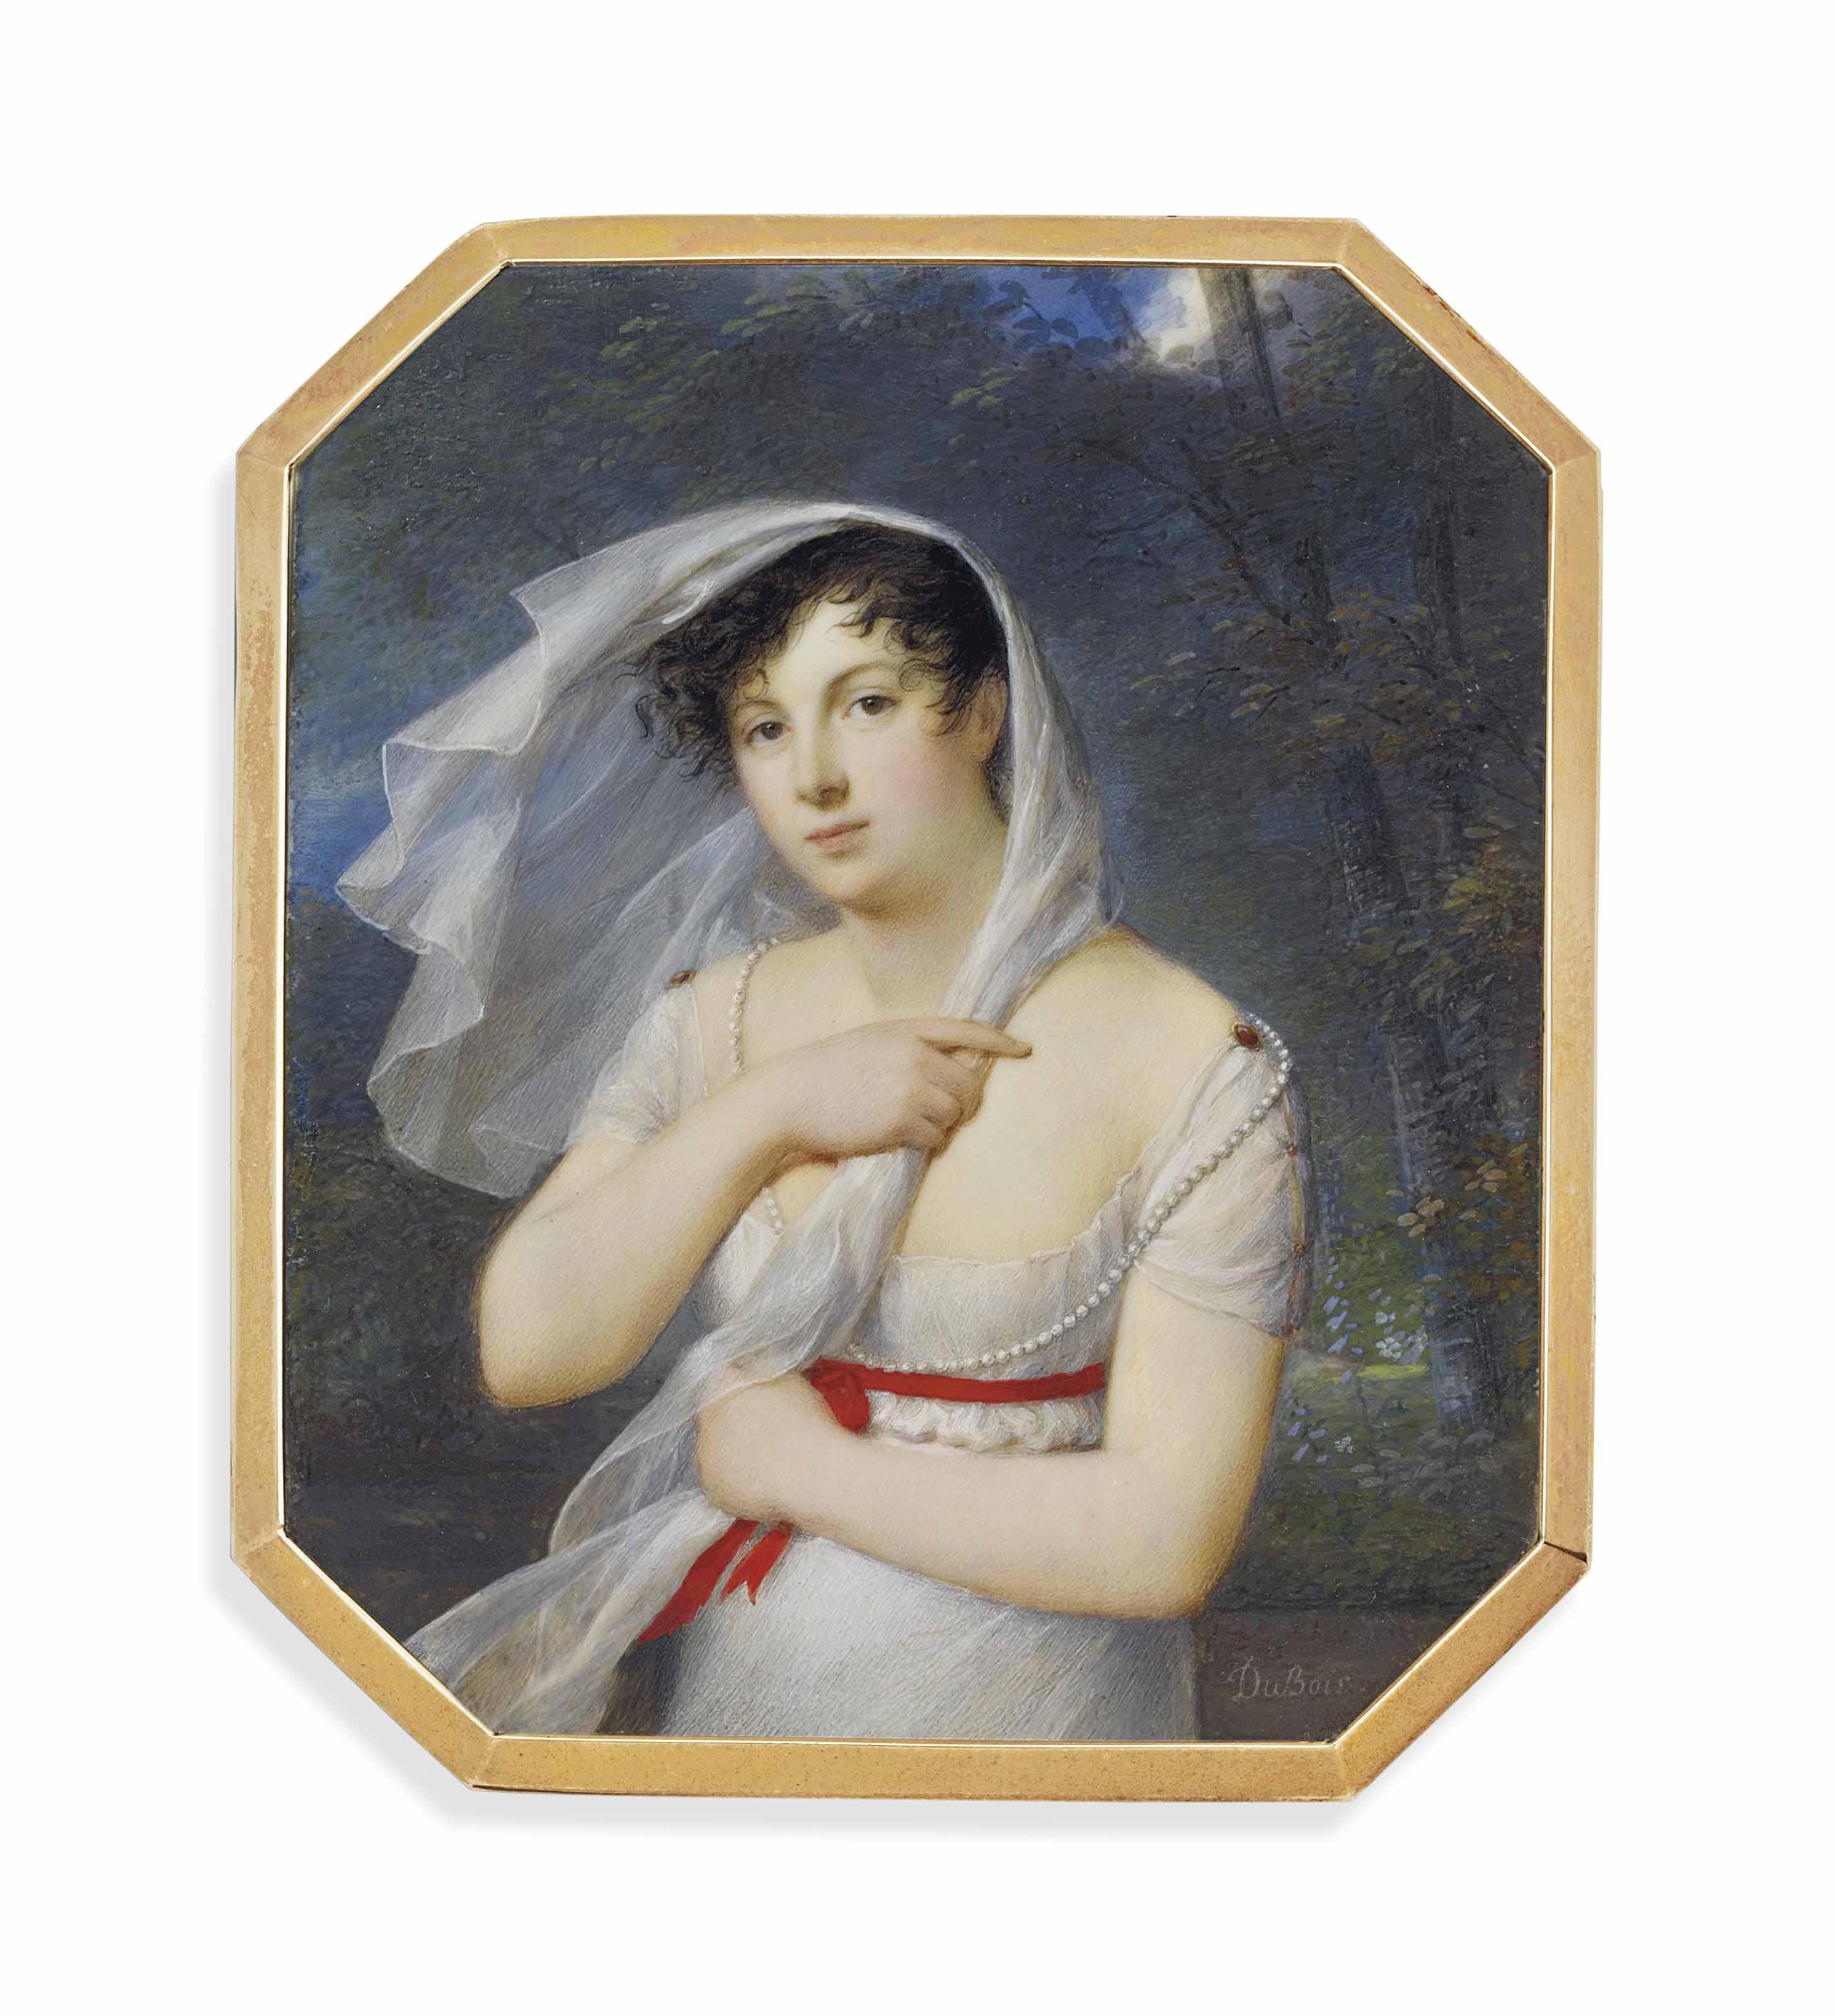 FREDERIC DUBOIS (FRENCH, FL. C. 1780-1819)